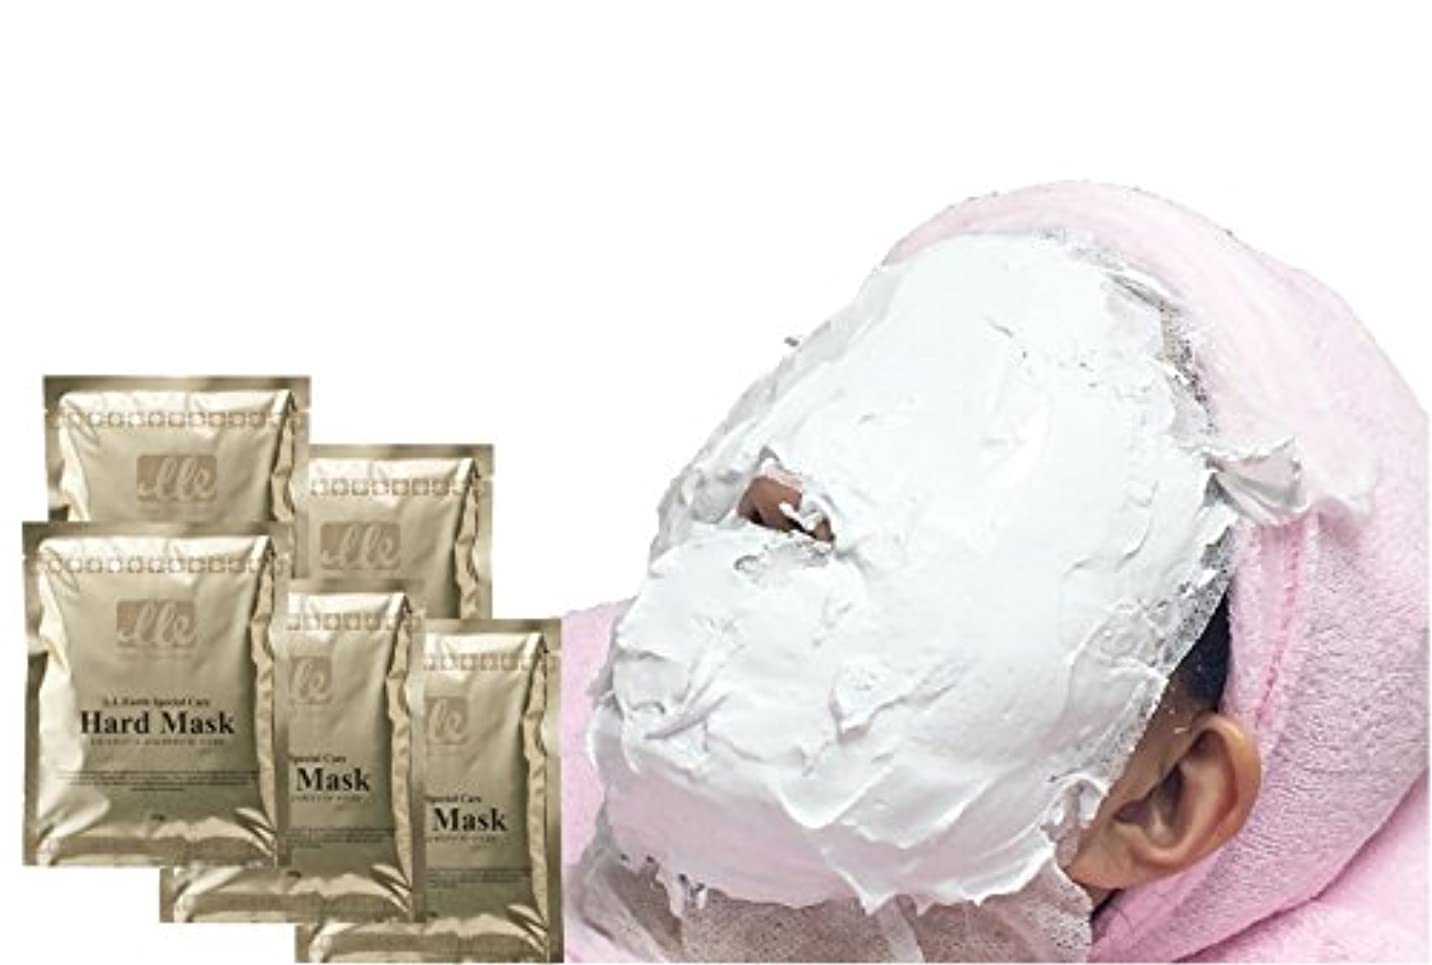 限り節約する一定石膏パック 「Hard Mask」5回分(250g×5袋)/ エステ業務用